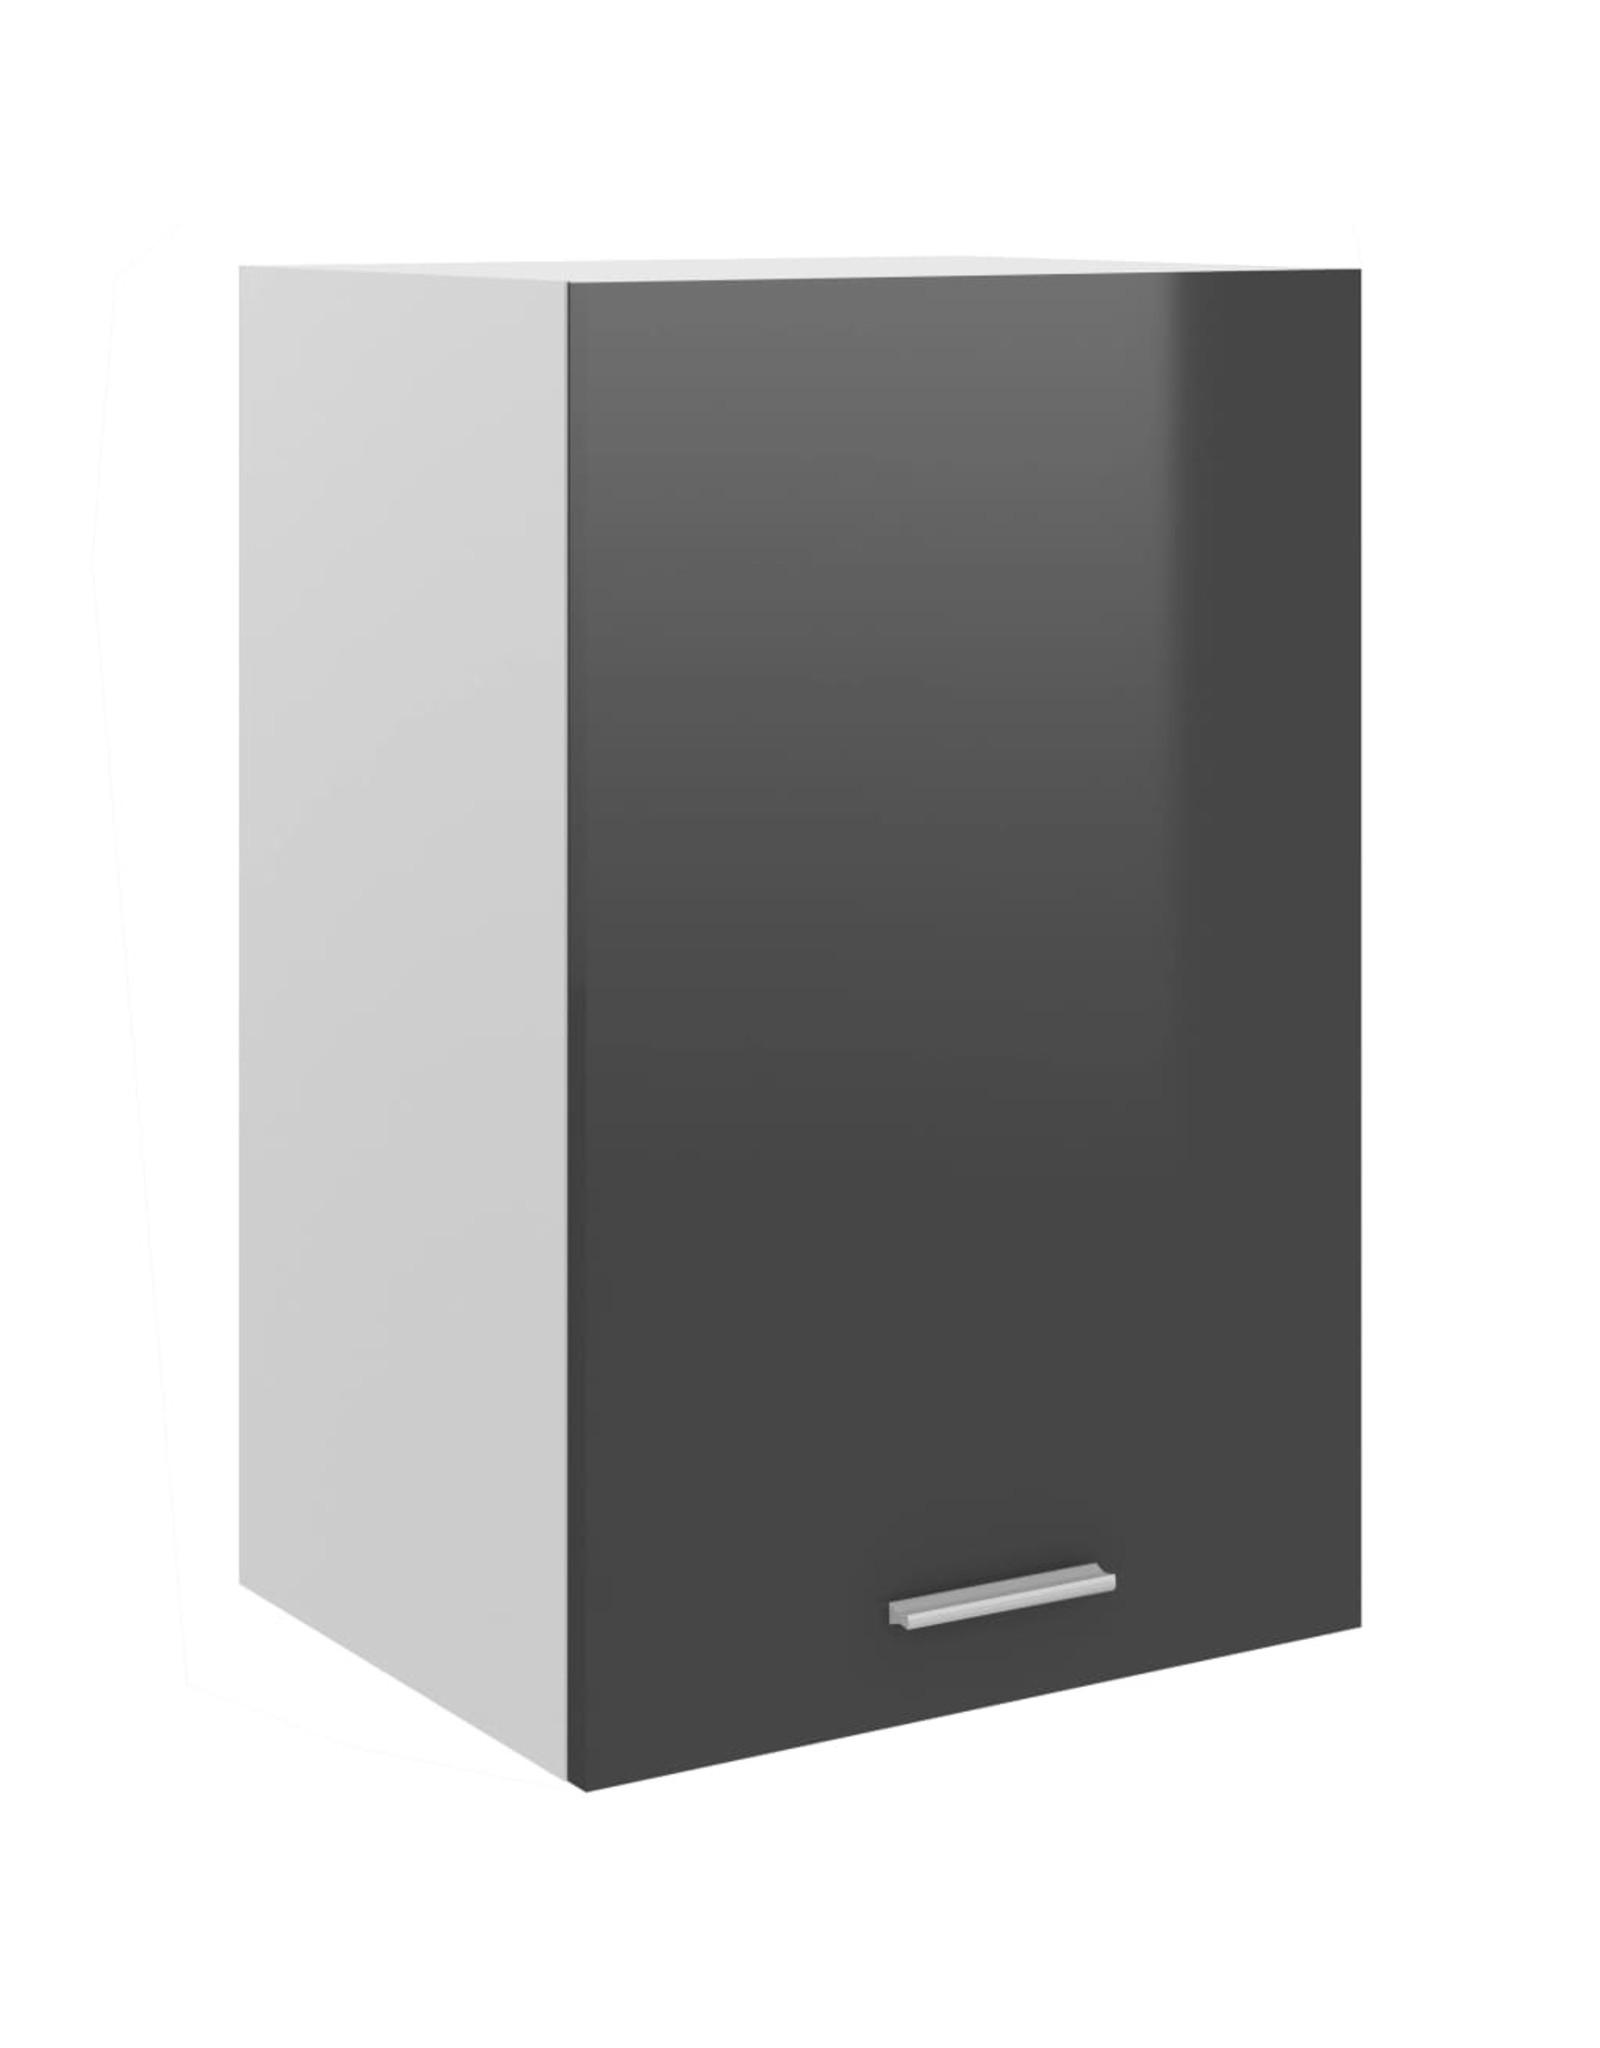 Hangkast 39,5x31x60 cm spaanplaat hoogglans grijs